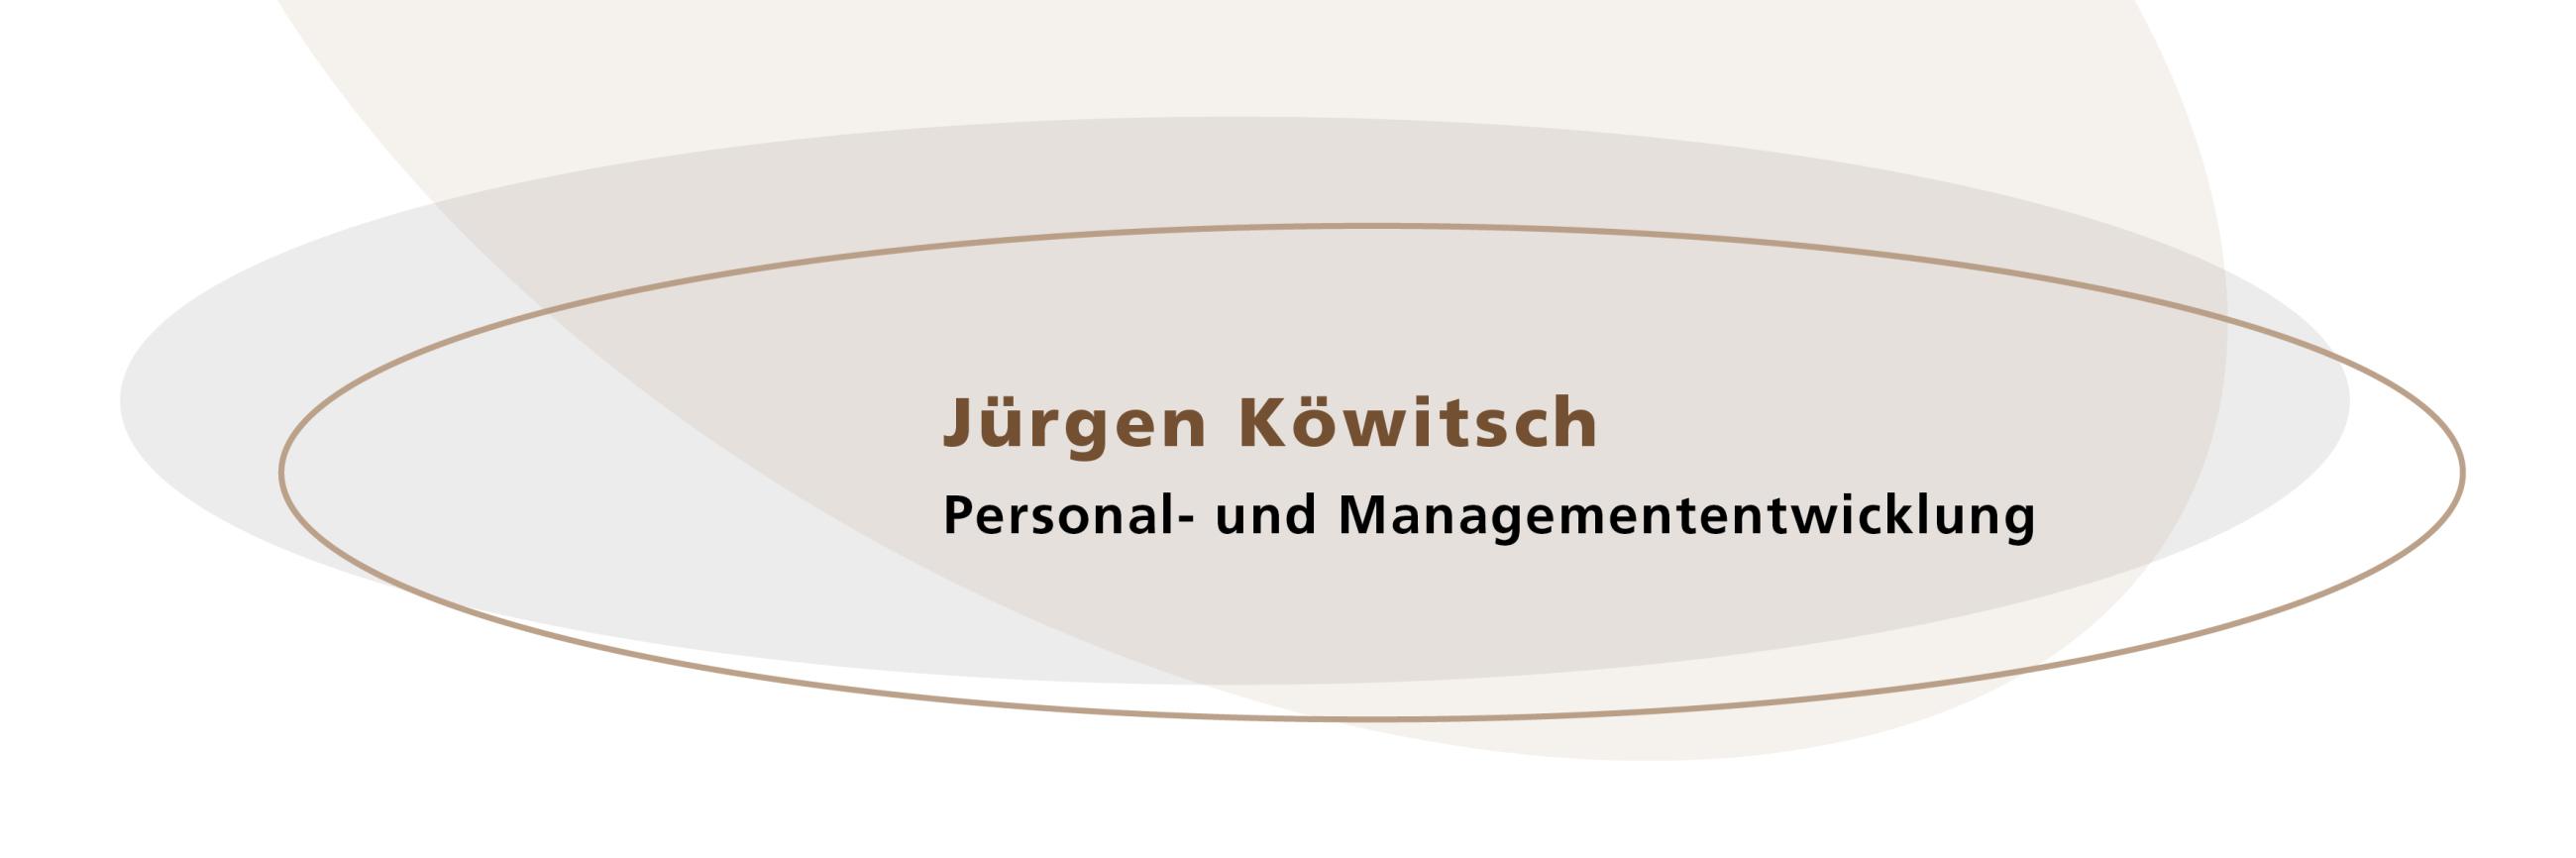 Jürgen Köwitsch Personal- und Managemententwicklung